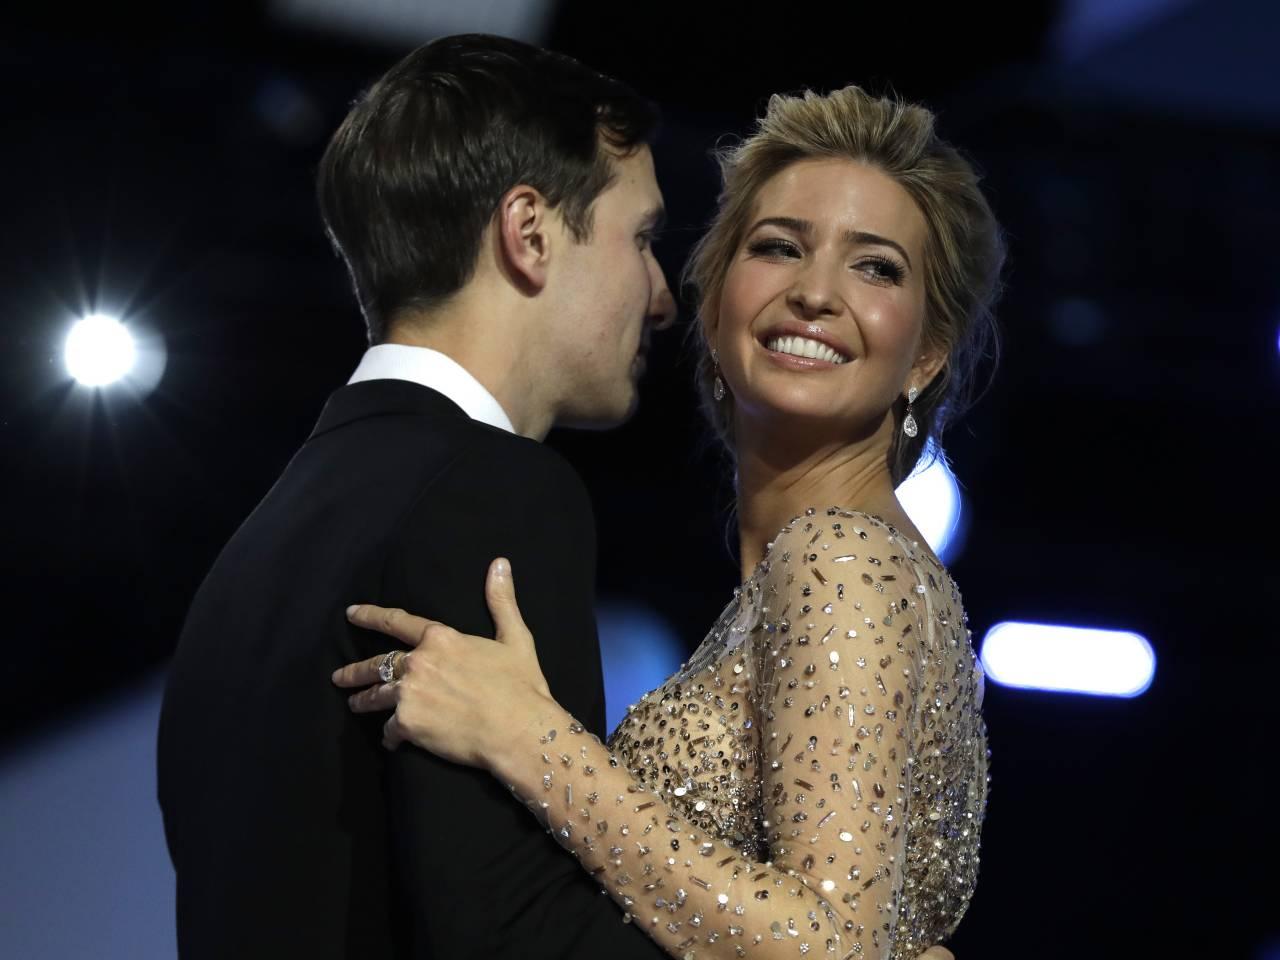 Chelsea Handler trolls Trump with Nordstrom photo